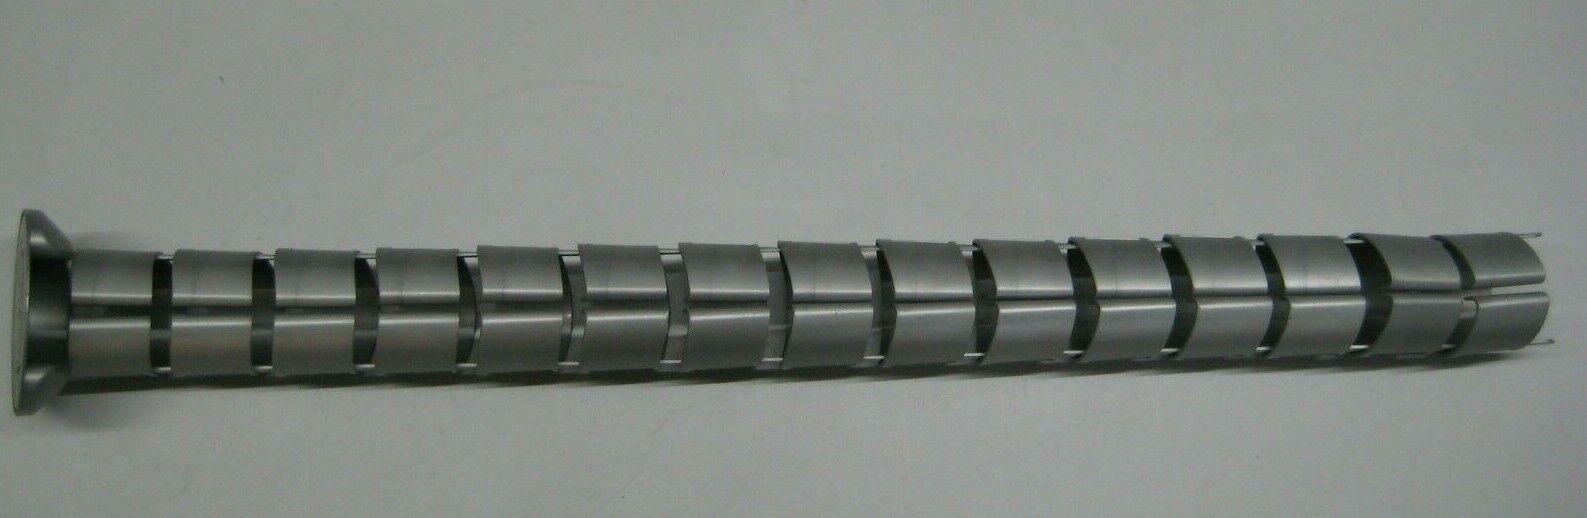 ERGOBASIS Kabelwanne 600 mm StahlblechKabelkanal für Schreibtisch NEU